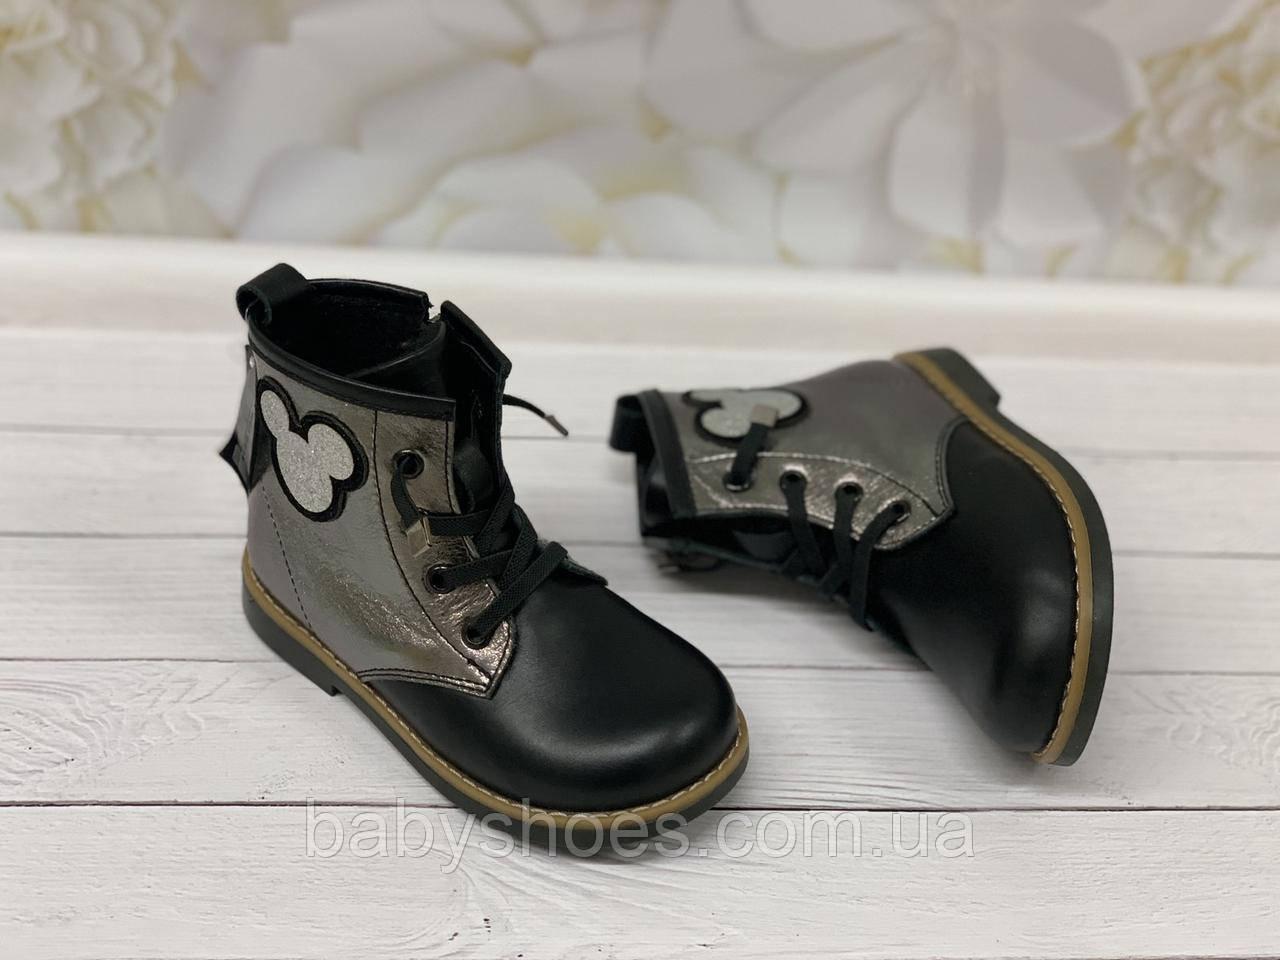 Кожаные деми ботинки для девочки,FESS р.25,33. мод.222-4